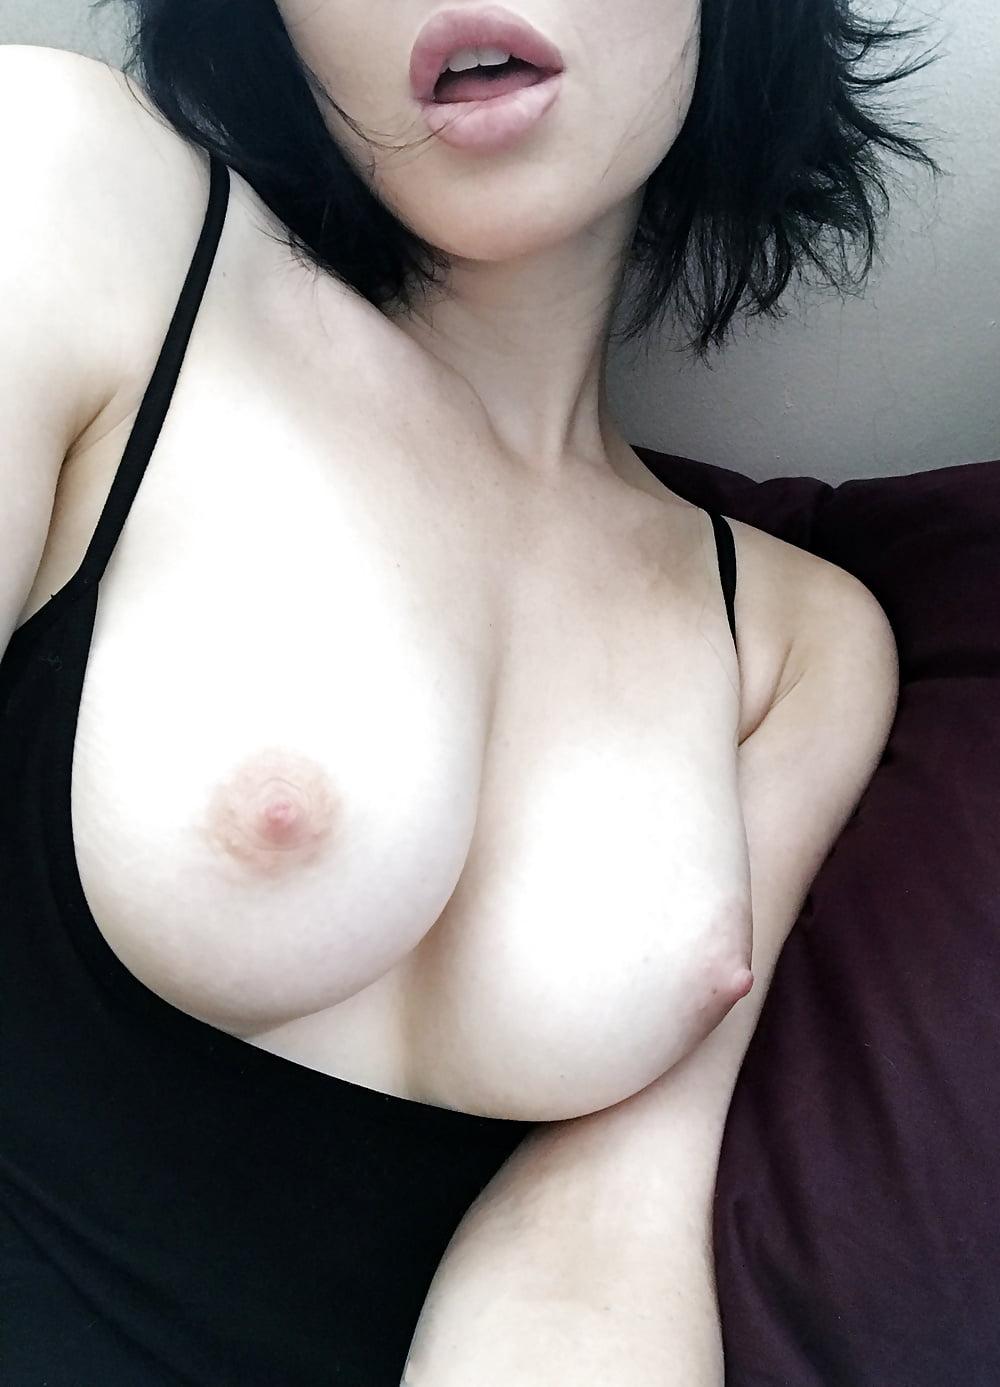 sexy-girl-boobs-selfie